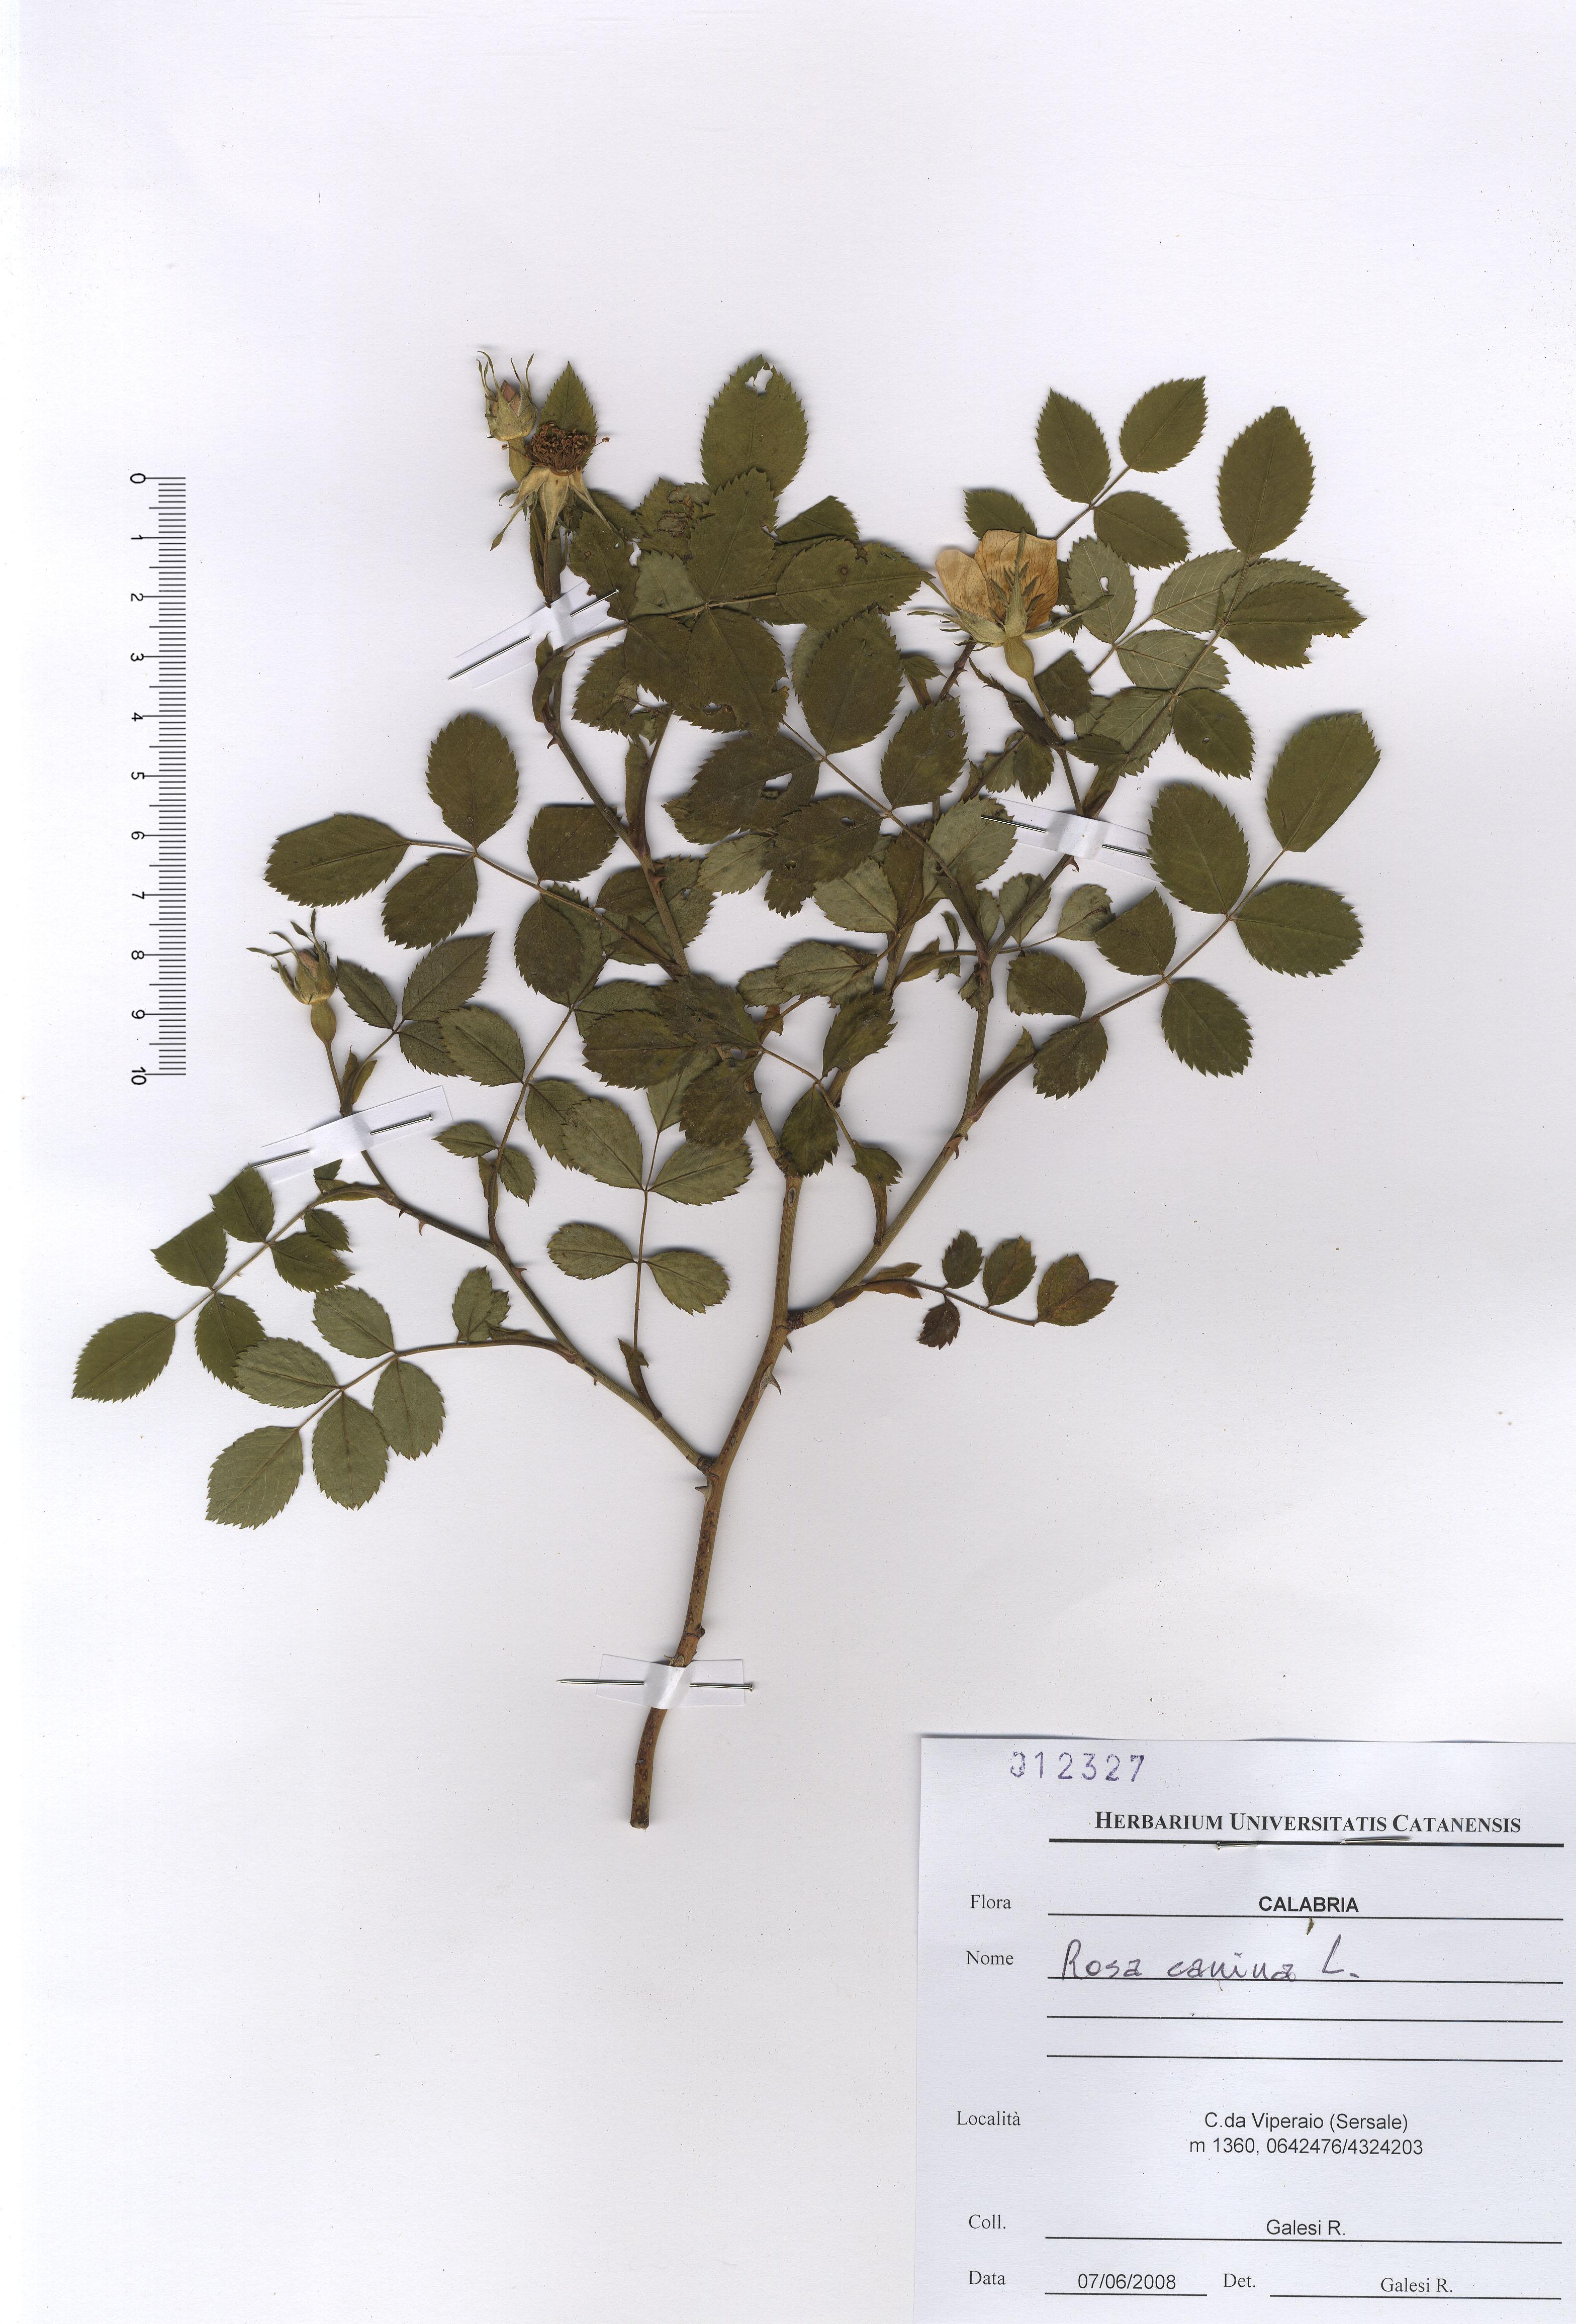 © Hortus Botanicus Catinensis - Herb. sheet 012327<br>